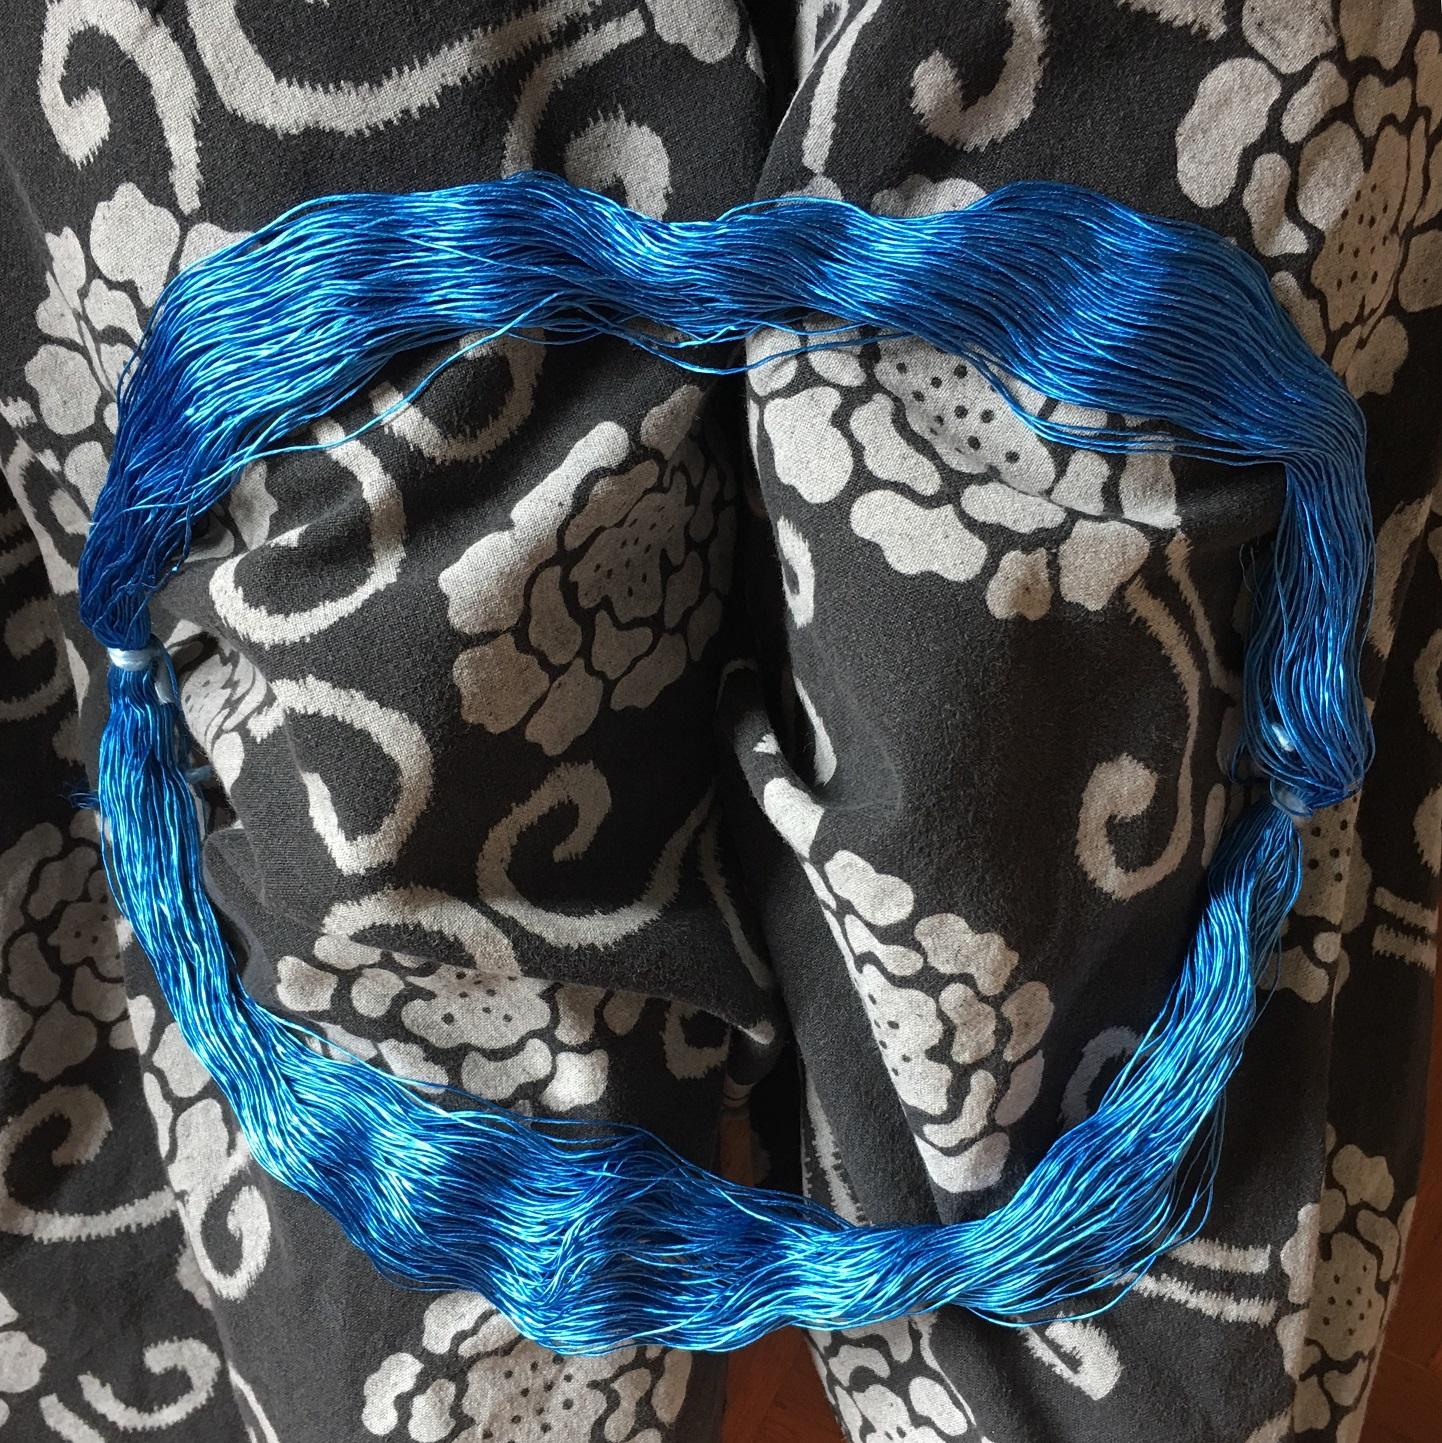 カセ状の絹糸の扱い方